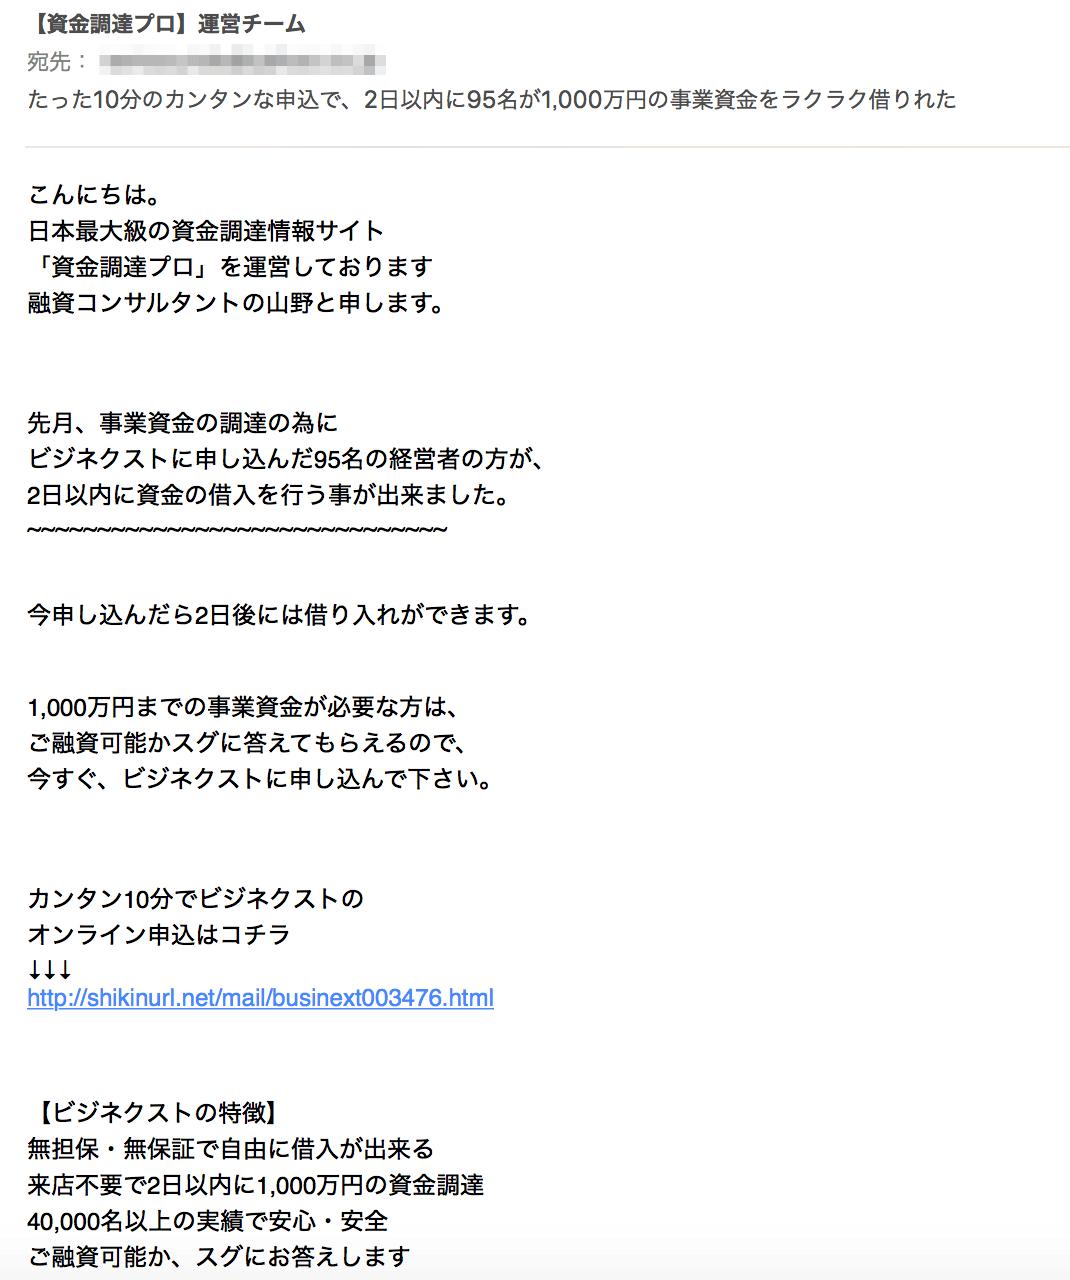 スクリーンショット_2016-03-07_17_06_37